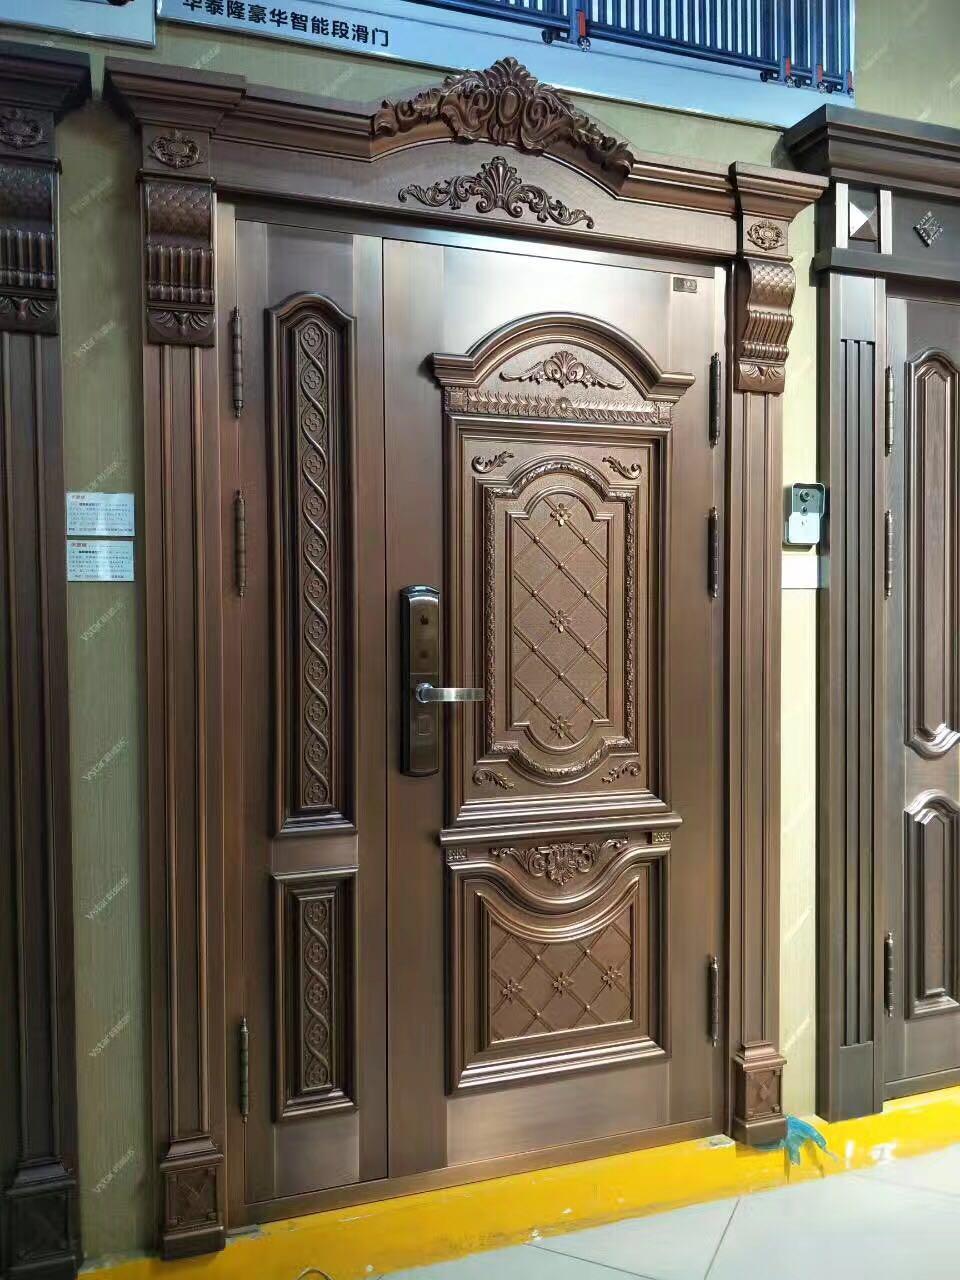 温州不锈钢铜门制作商生产厂家公司